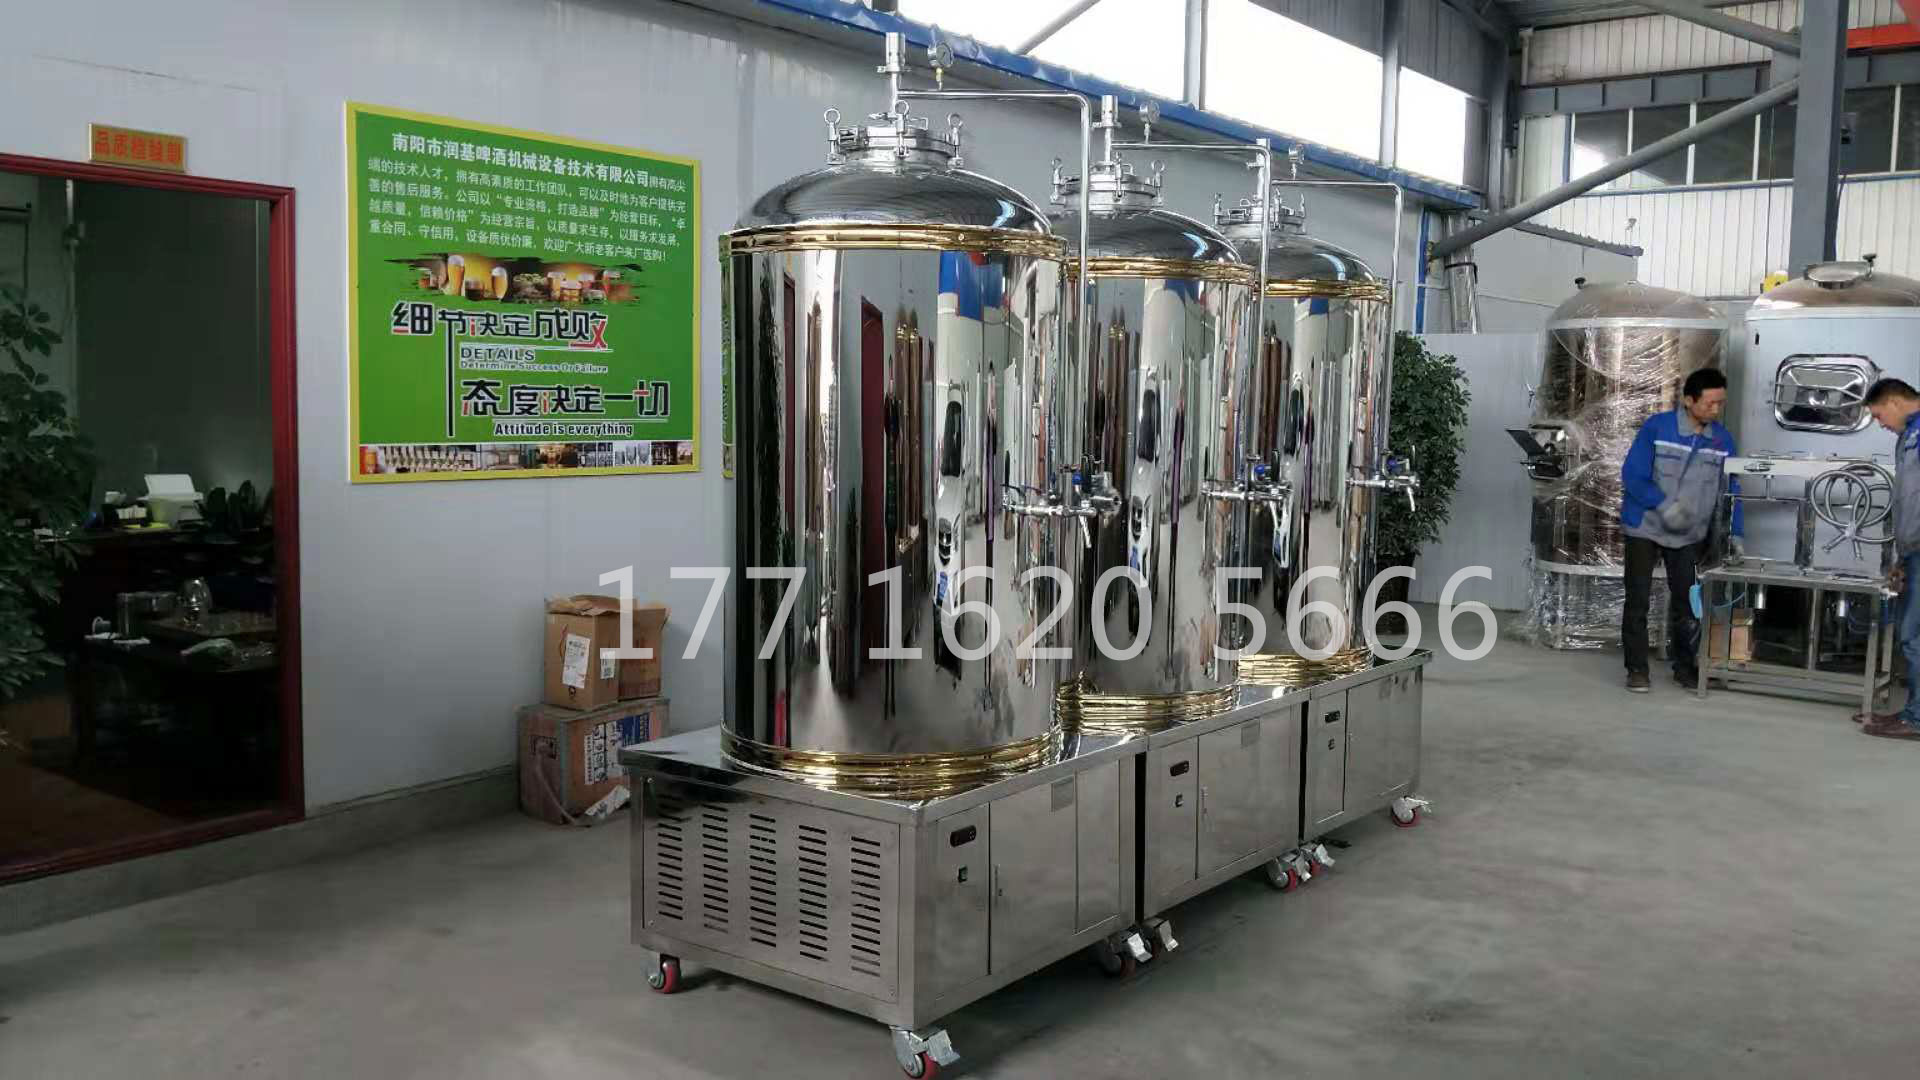 啤酒设备生产厂家